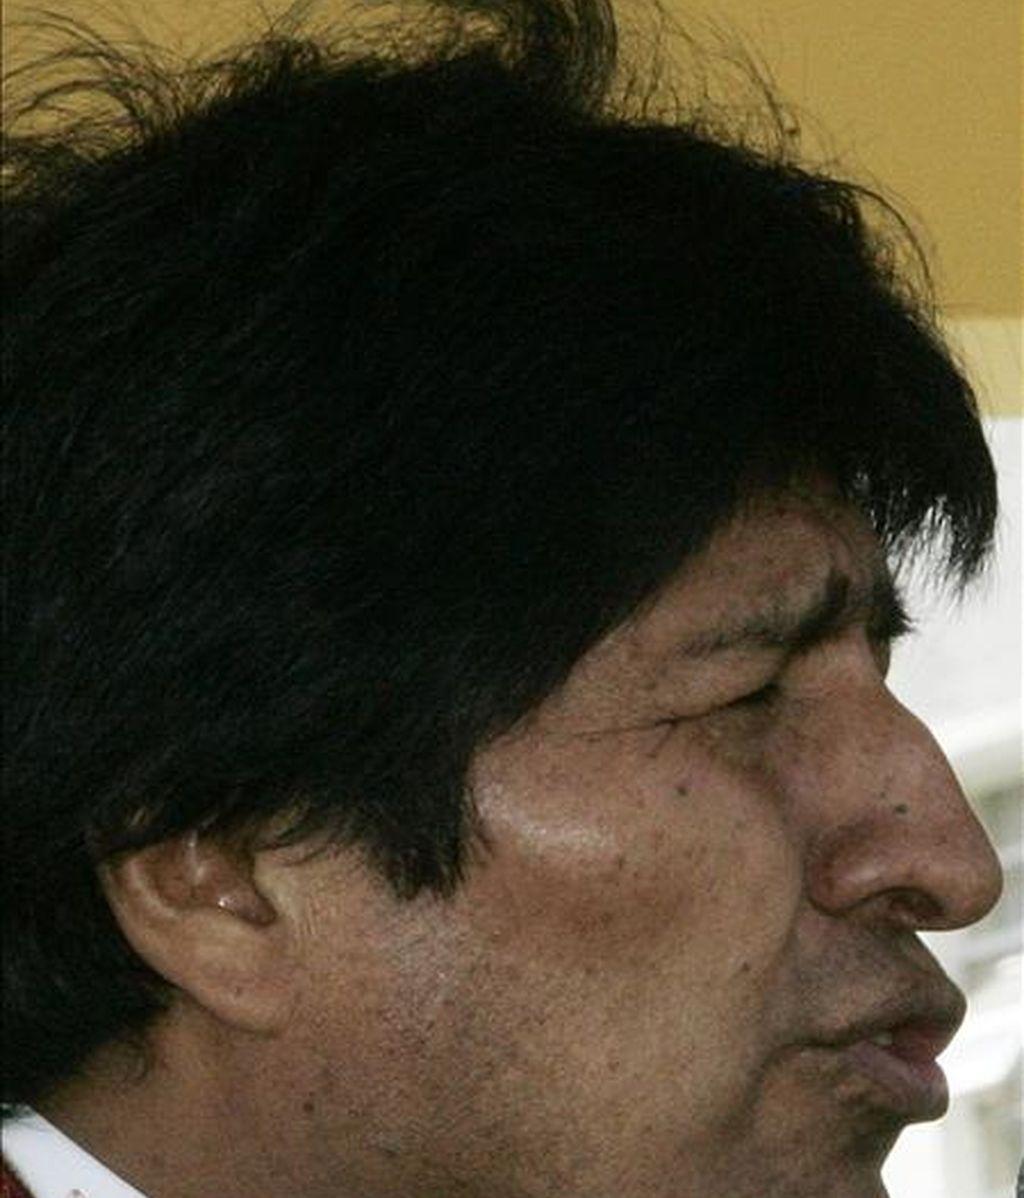 El presidente de Bolivia, Evo Morales, asistió ayer a la inauguración del curso académico militar en La Paz. EFE/Archivo